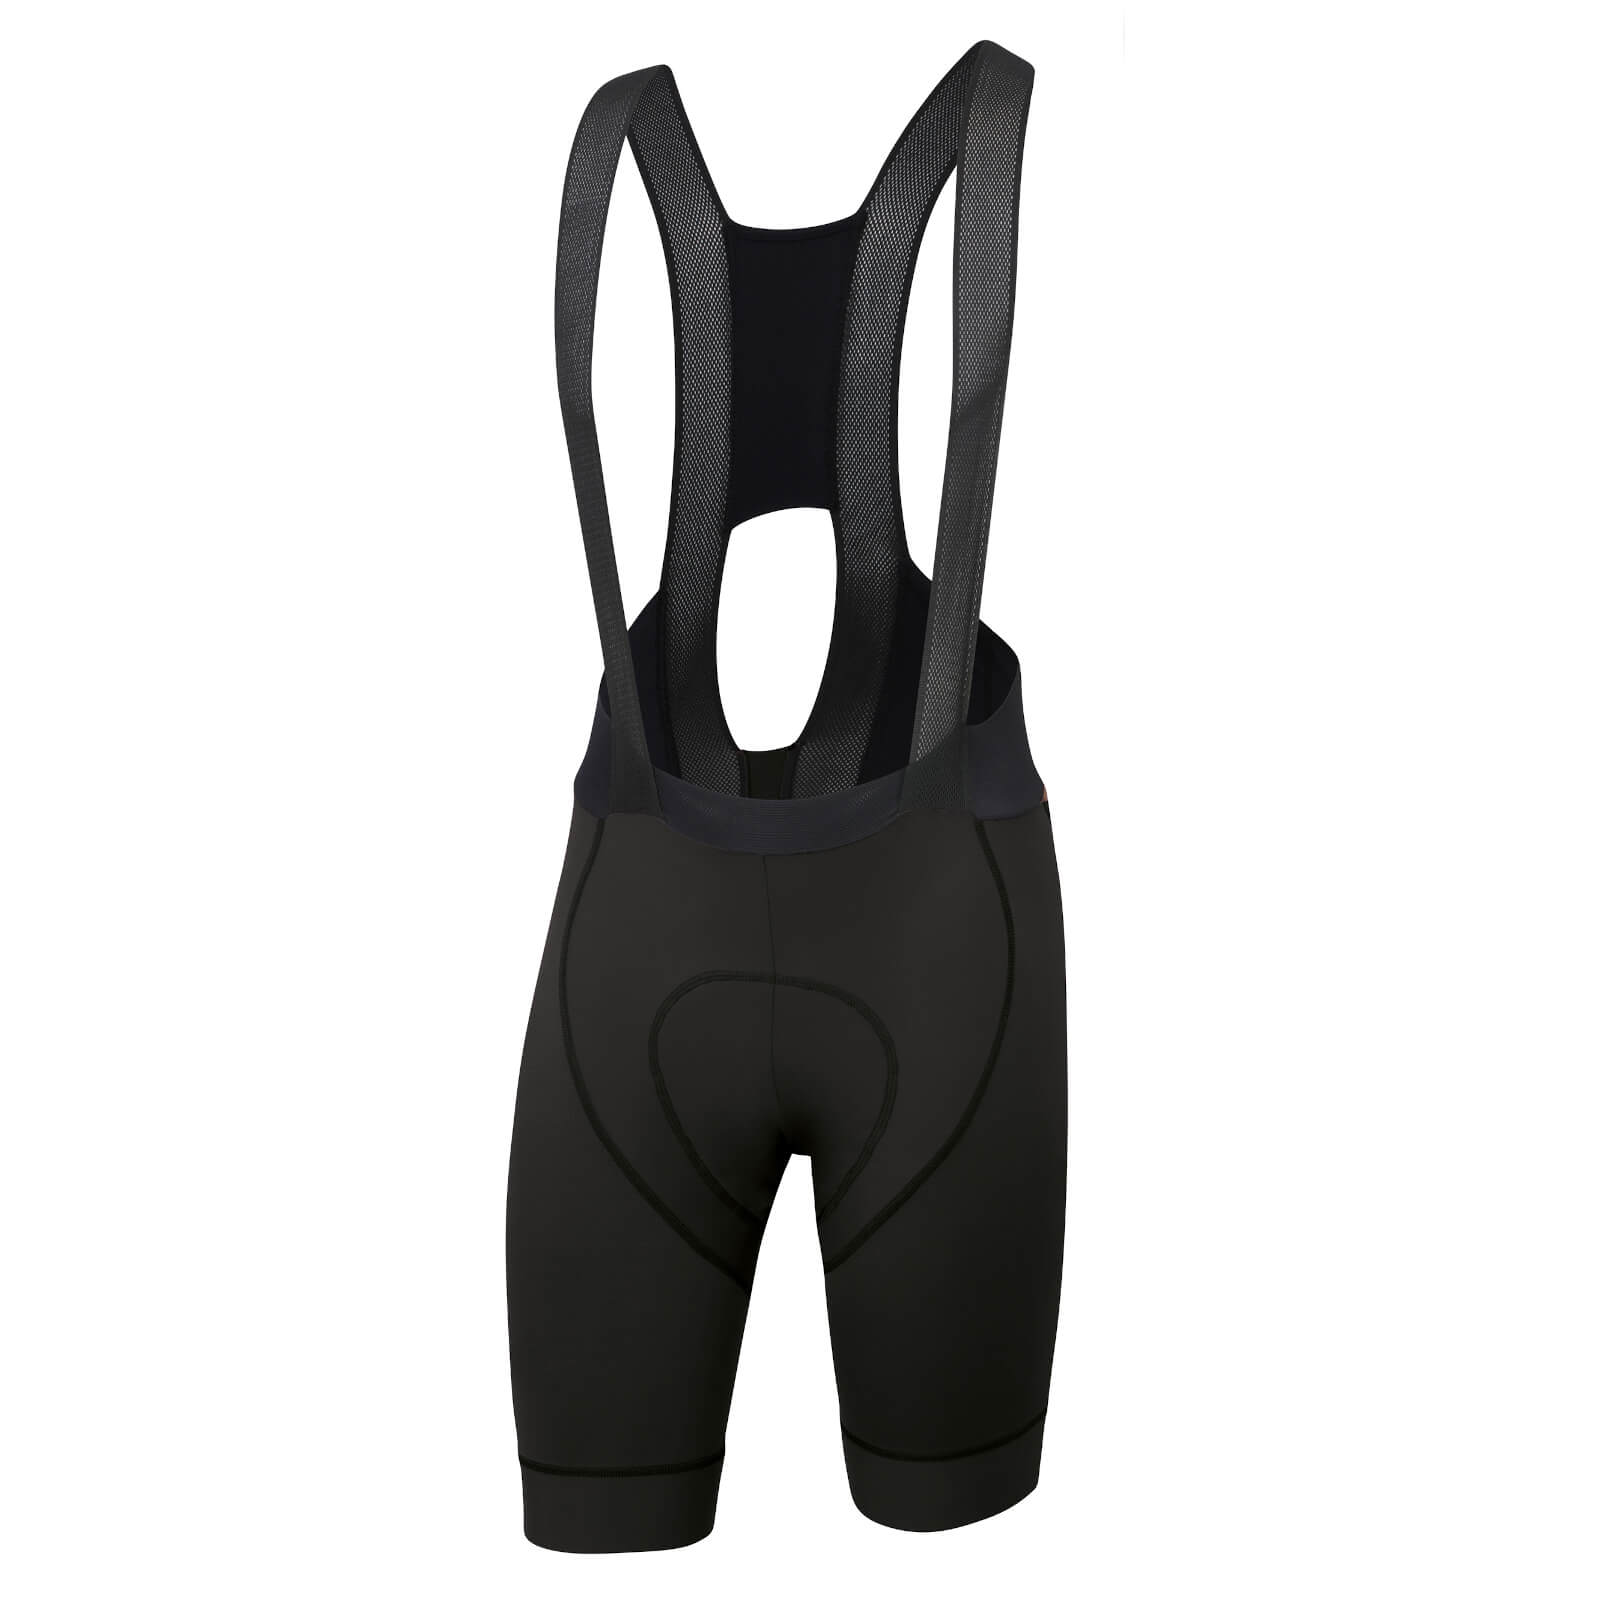 Sportful BodyFit Pro LTD Bib Shorts - L - Black